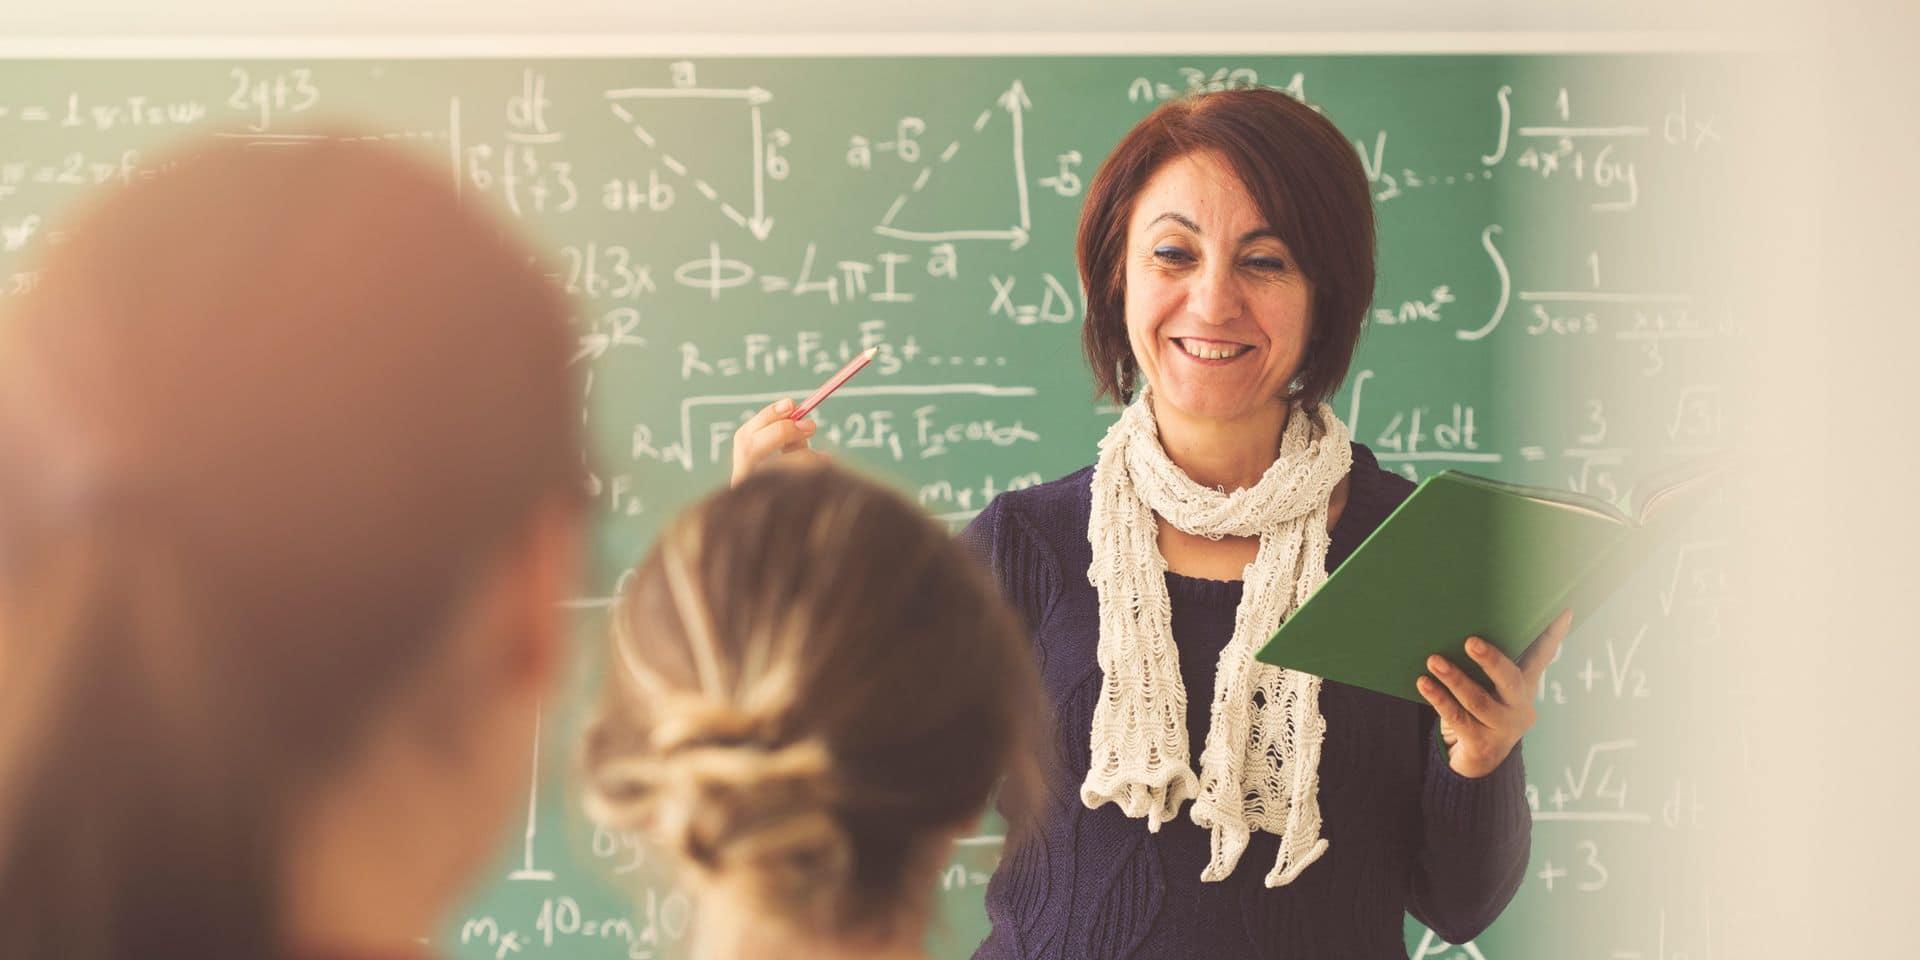 La moitié des professeurs ne vérifient pas ou peu les devoirs de leurs élèves